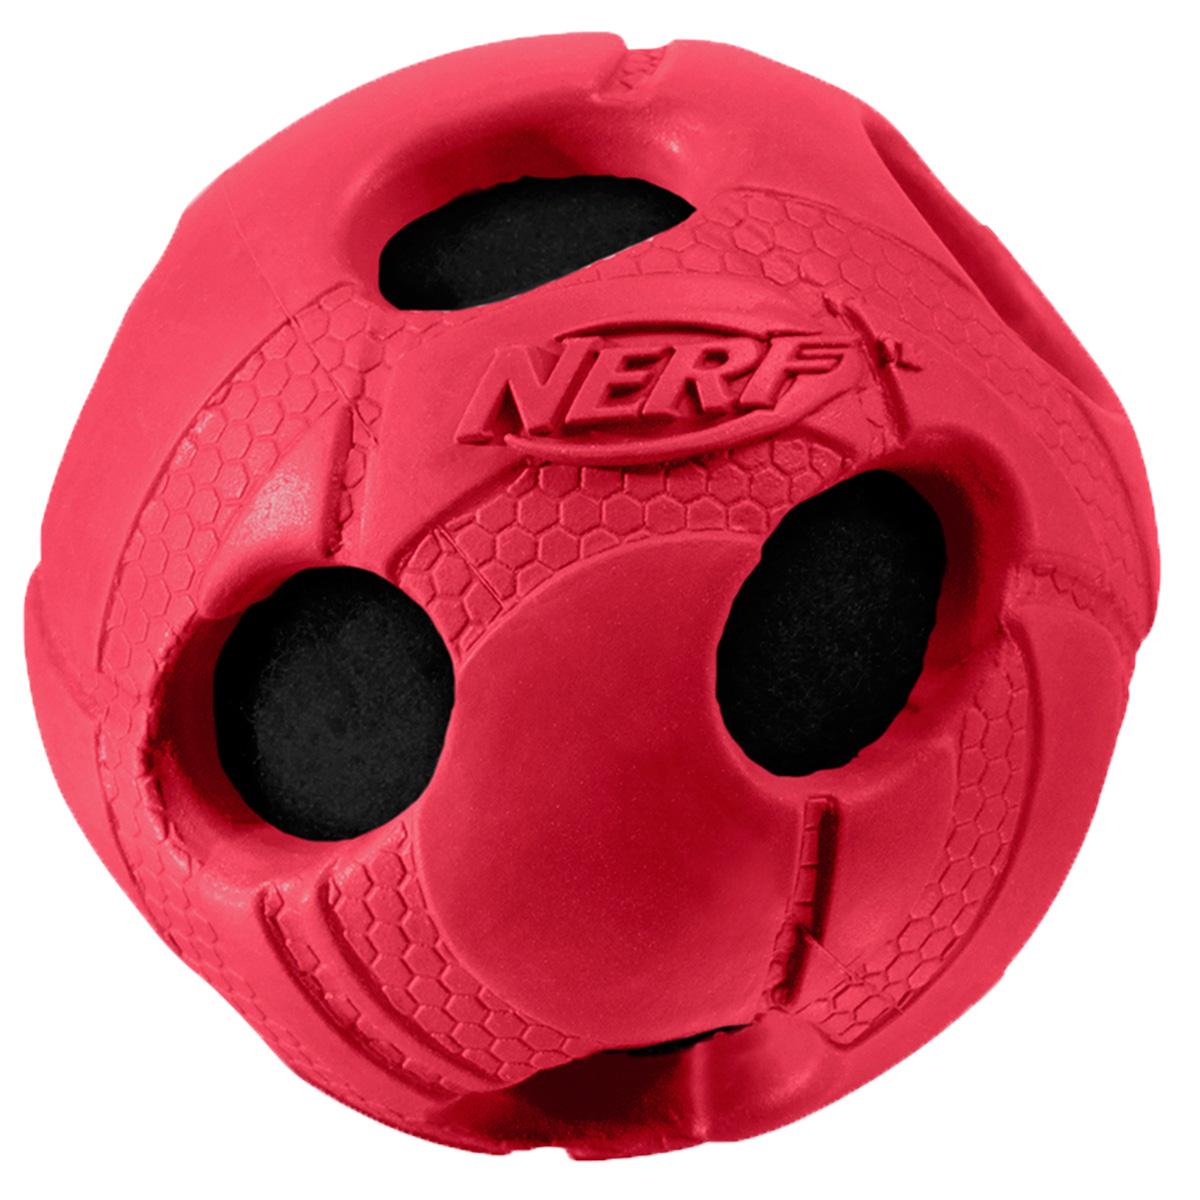 Игрушка для собак Nerf Мяч, с отверстиями, 9 см22293Мяч из прочной резины с теннисным мячем внутри! Высококачественные прочные материалы, из которых изготовлена игрушка, обеспечивают долговечность использования! Звук мяча дополнительно увлекает собаку игрой! Яркие привлекательные цвета! Рельефный рисунок! Игрушки Nerf Dog представлены в различных сериях в зависимости от рисунка, фактуры и материала, из которого они изготовлены (резина, ТПР, нейлон, пластик, каучук). Размер: 9 см, L.